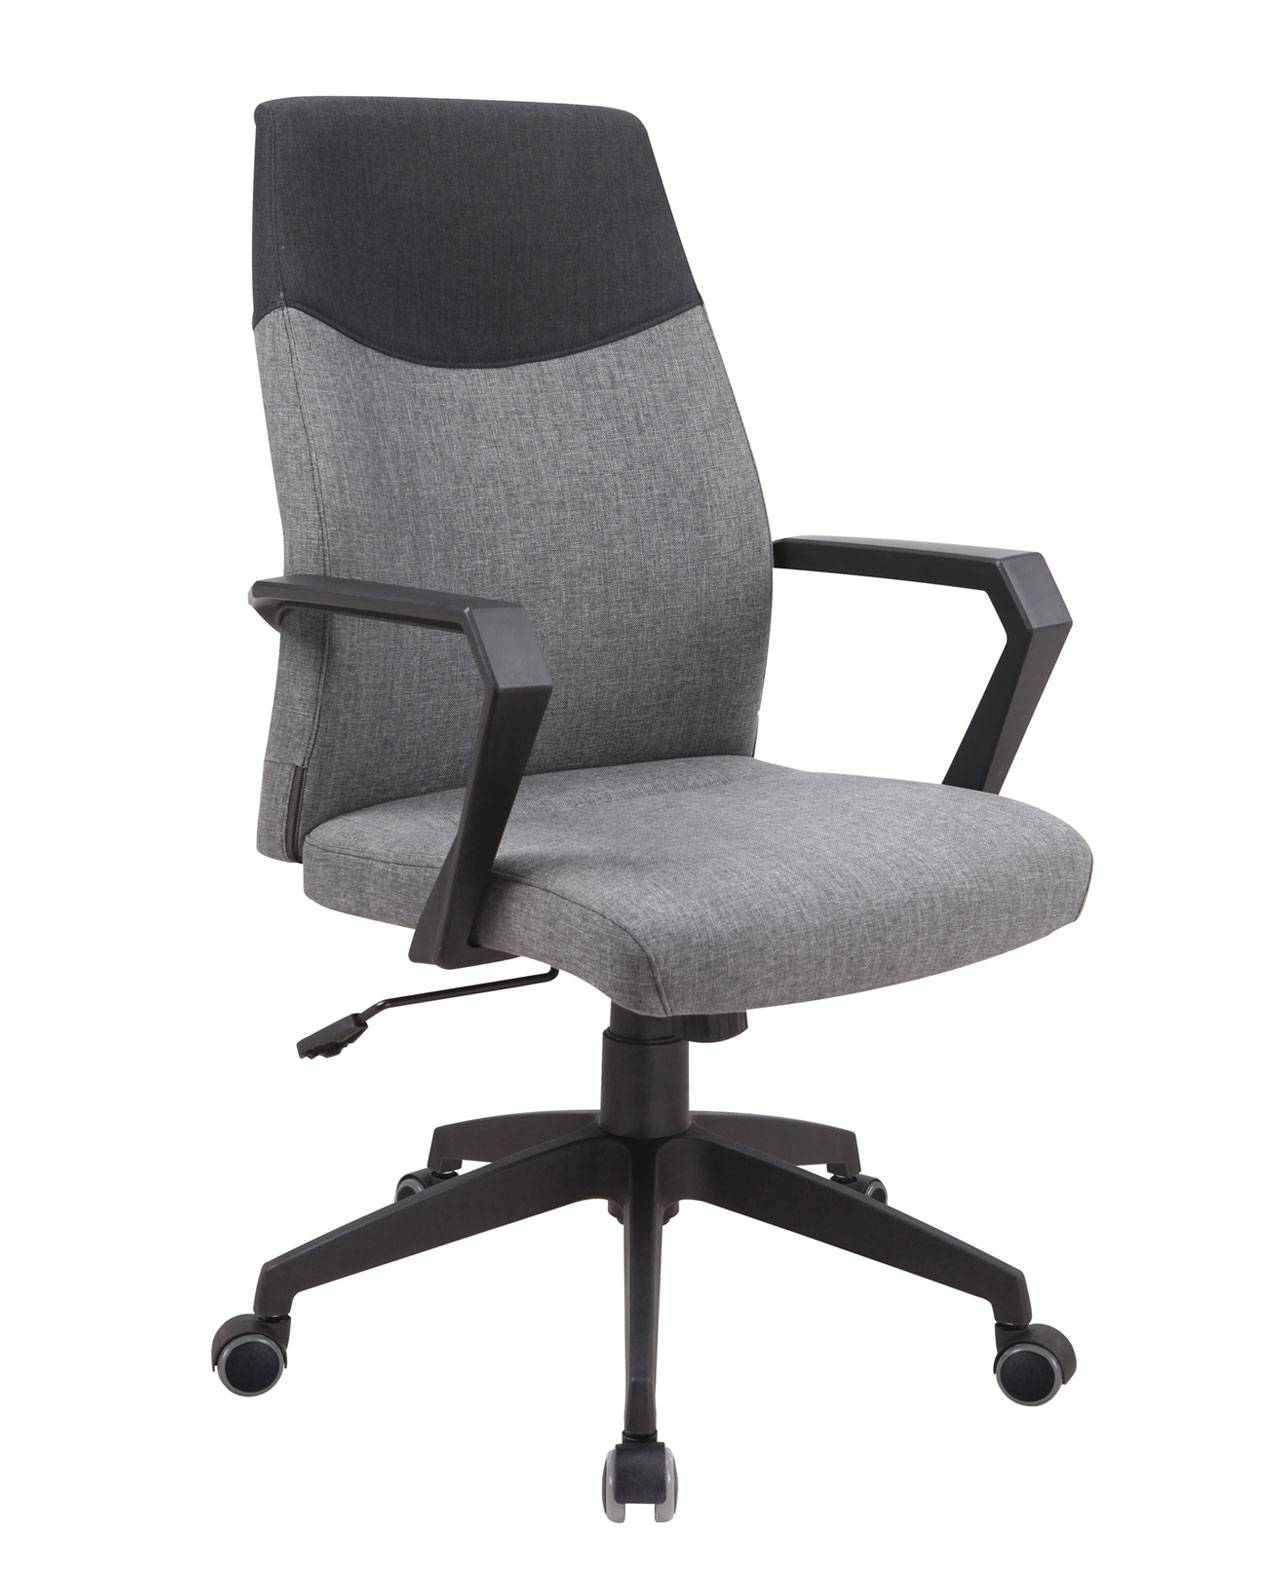 Flet fauteuil de bureau confort - Fauteuil de bureau design ...